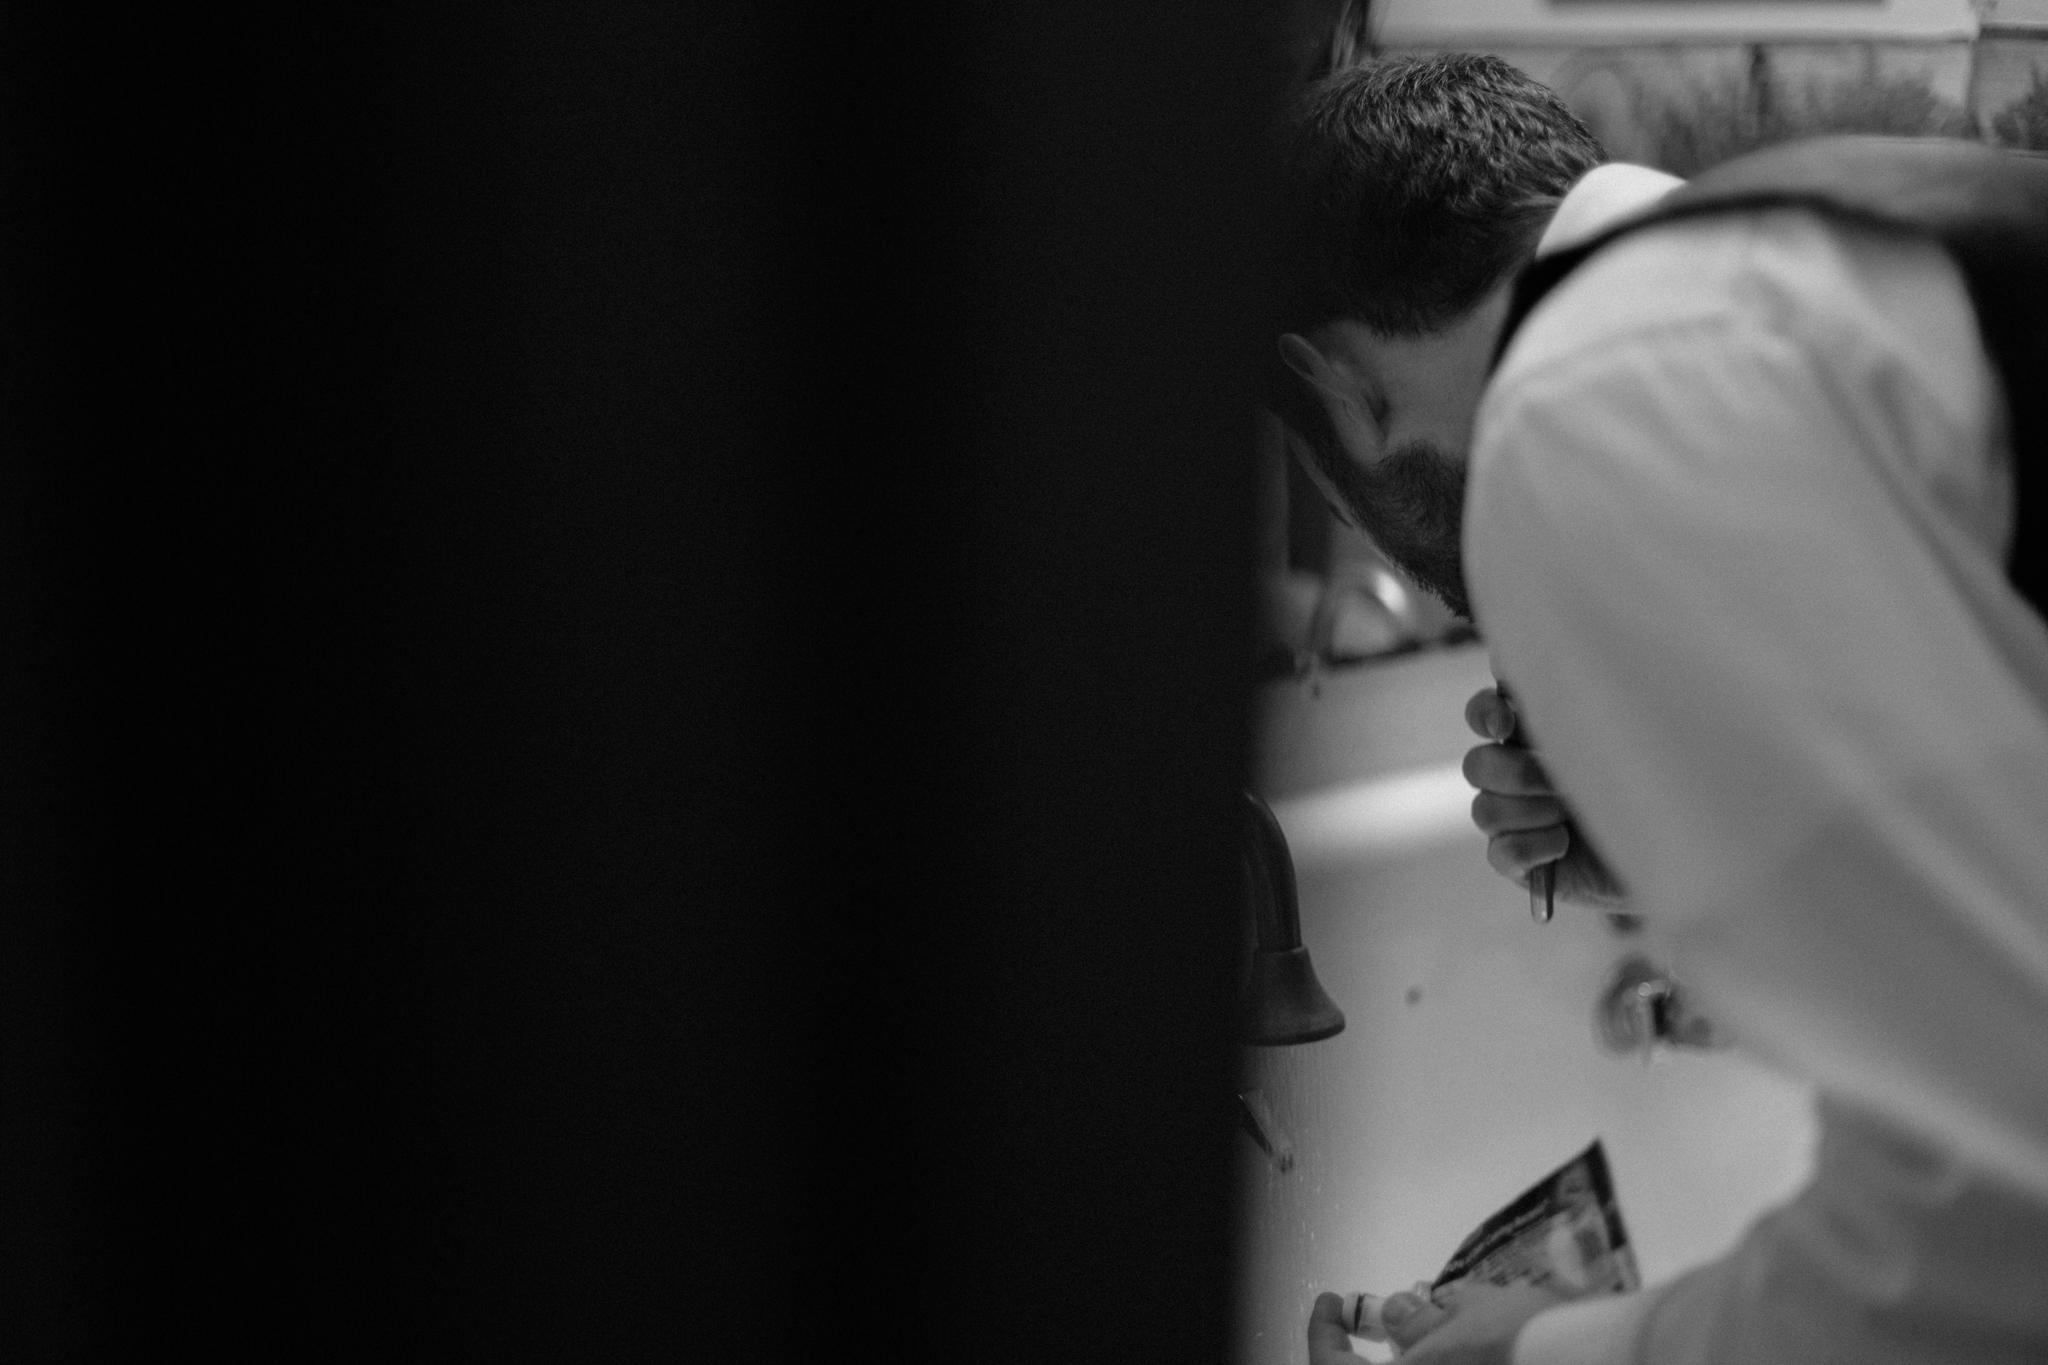 bohemian wedding on a budget florida bohemian beach wedding photographer sarah rose columbus ohio wedding photographer dayton ohio wedding photographer destination wedding photographer